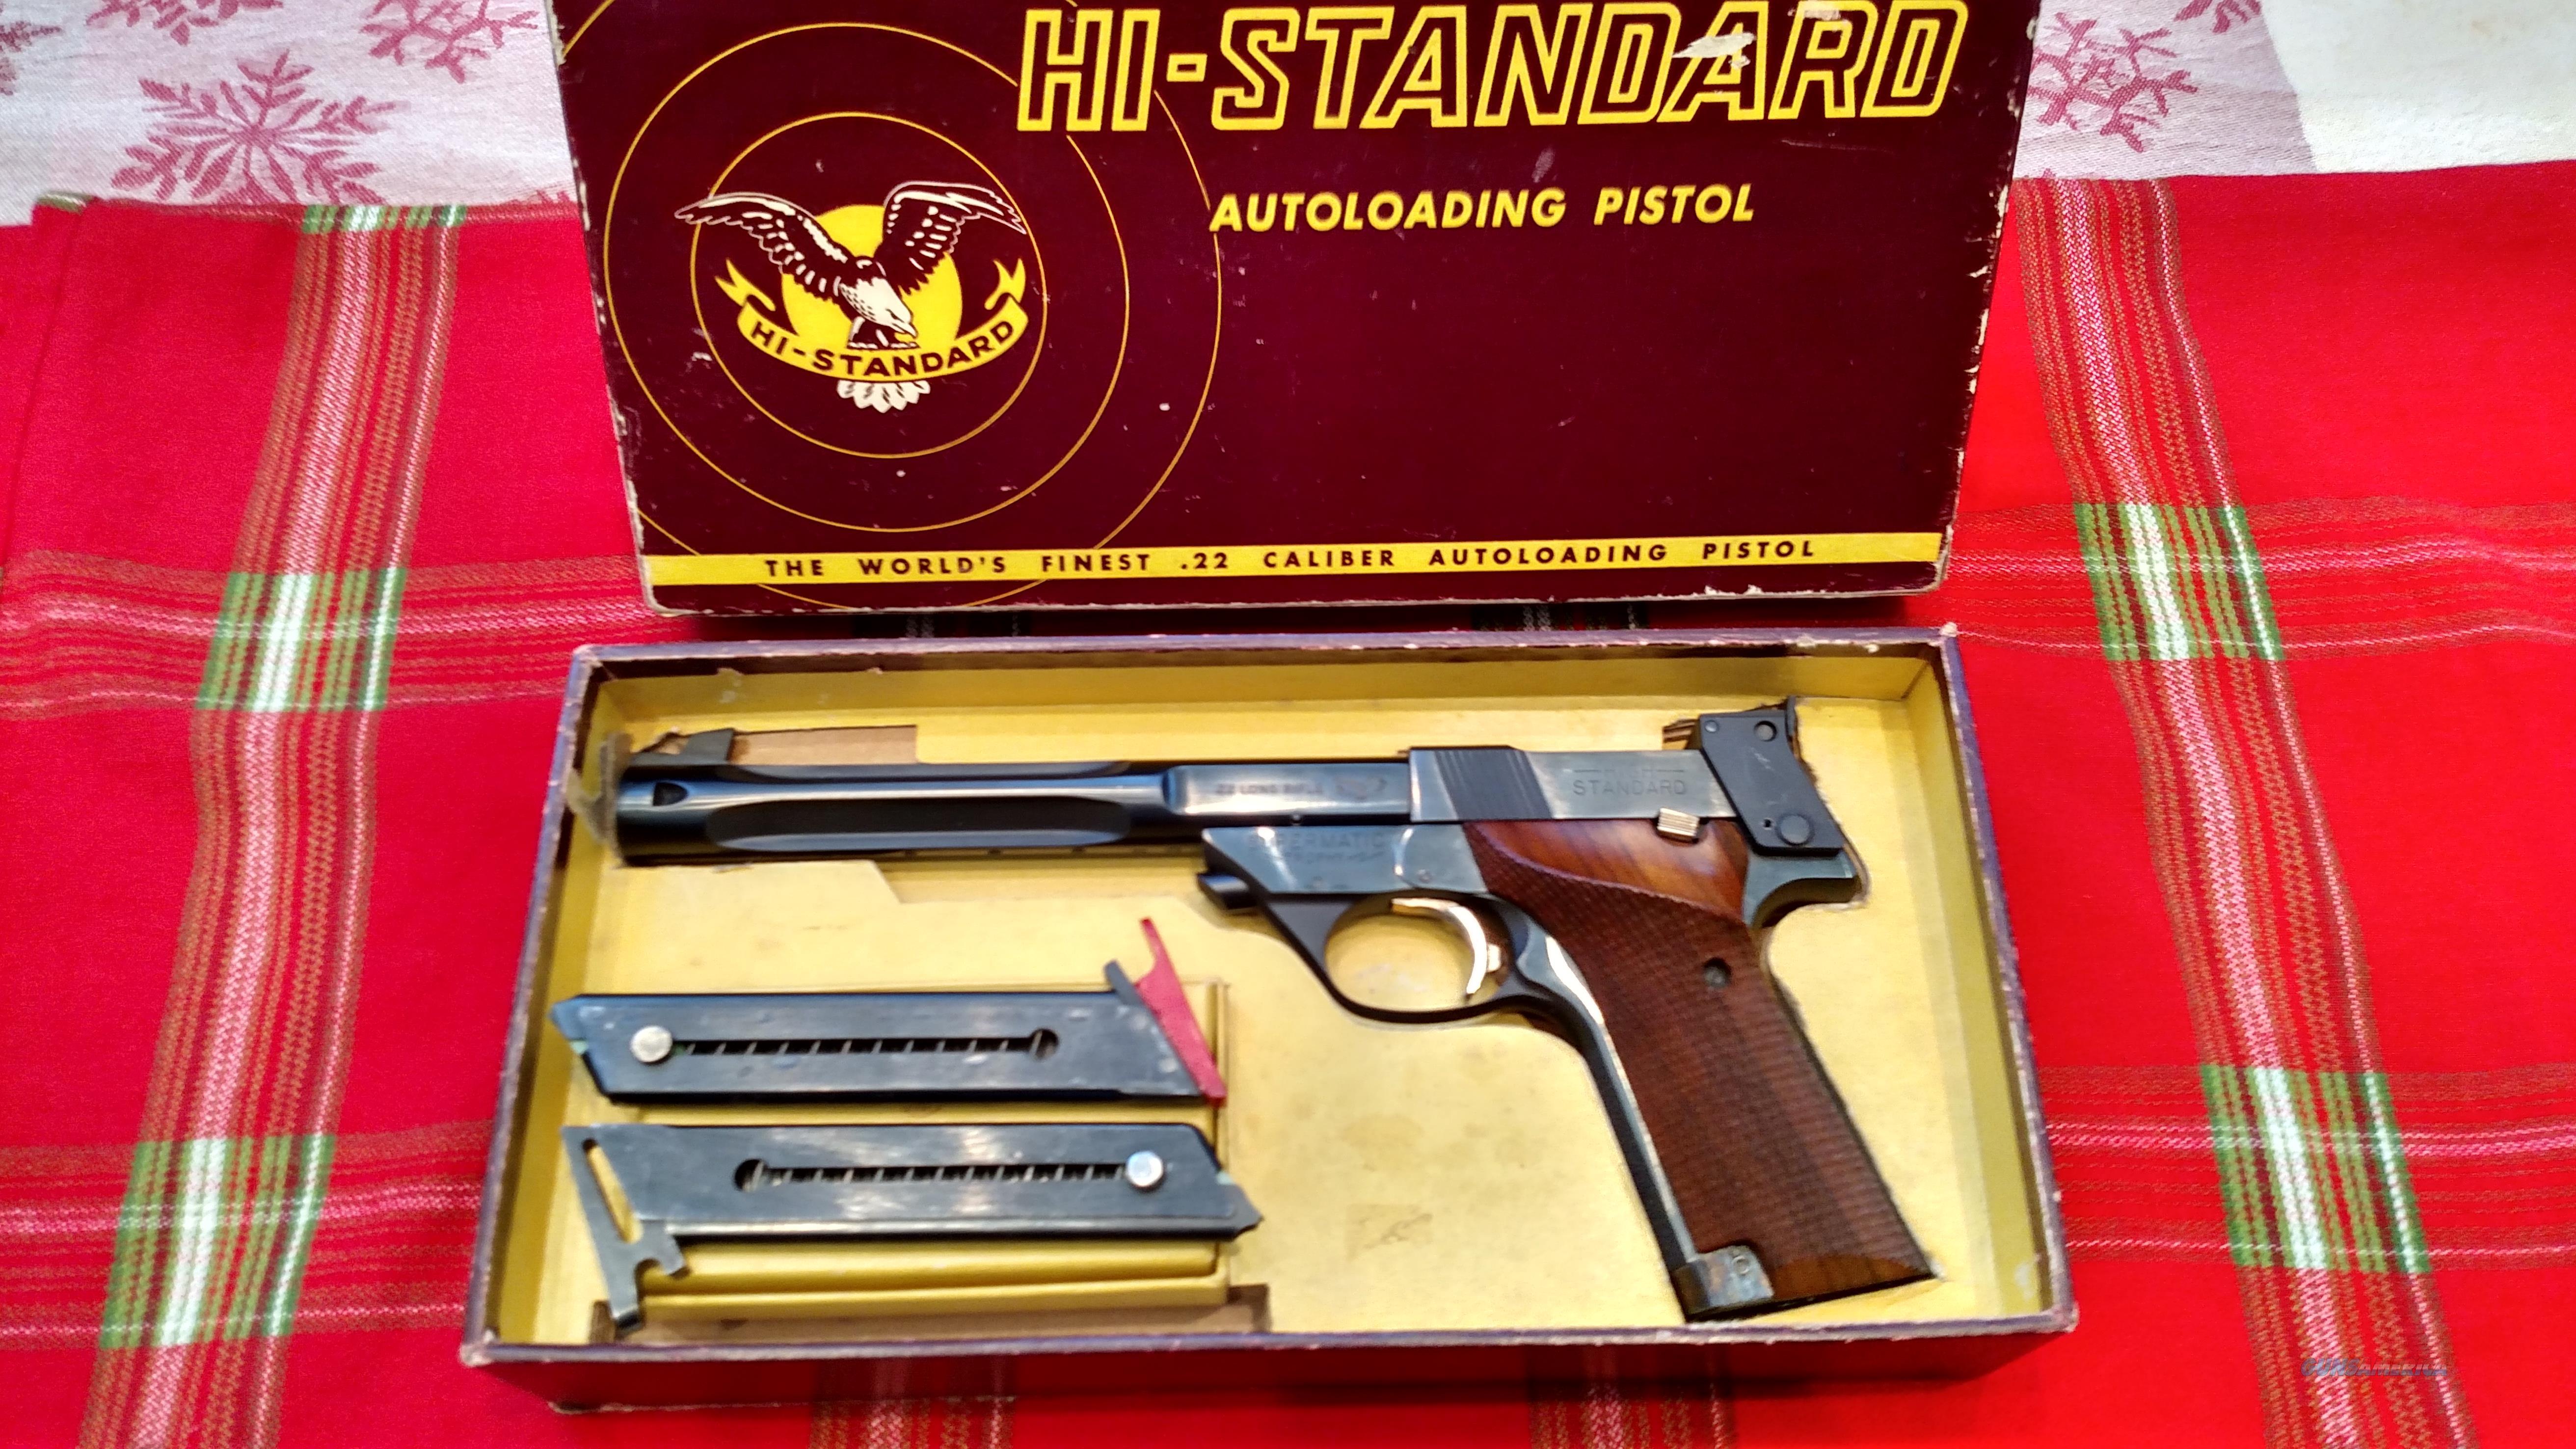 high standard supermatic trophy model 106 milit for sale rh gunsamerica com High Standard Supermatic Citation High Standard Supermatic 22 Pistol